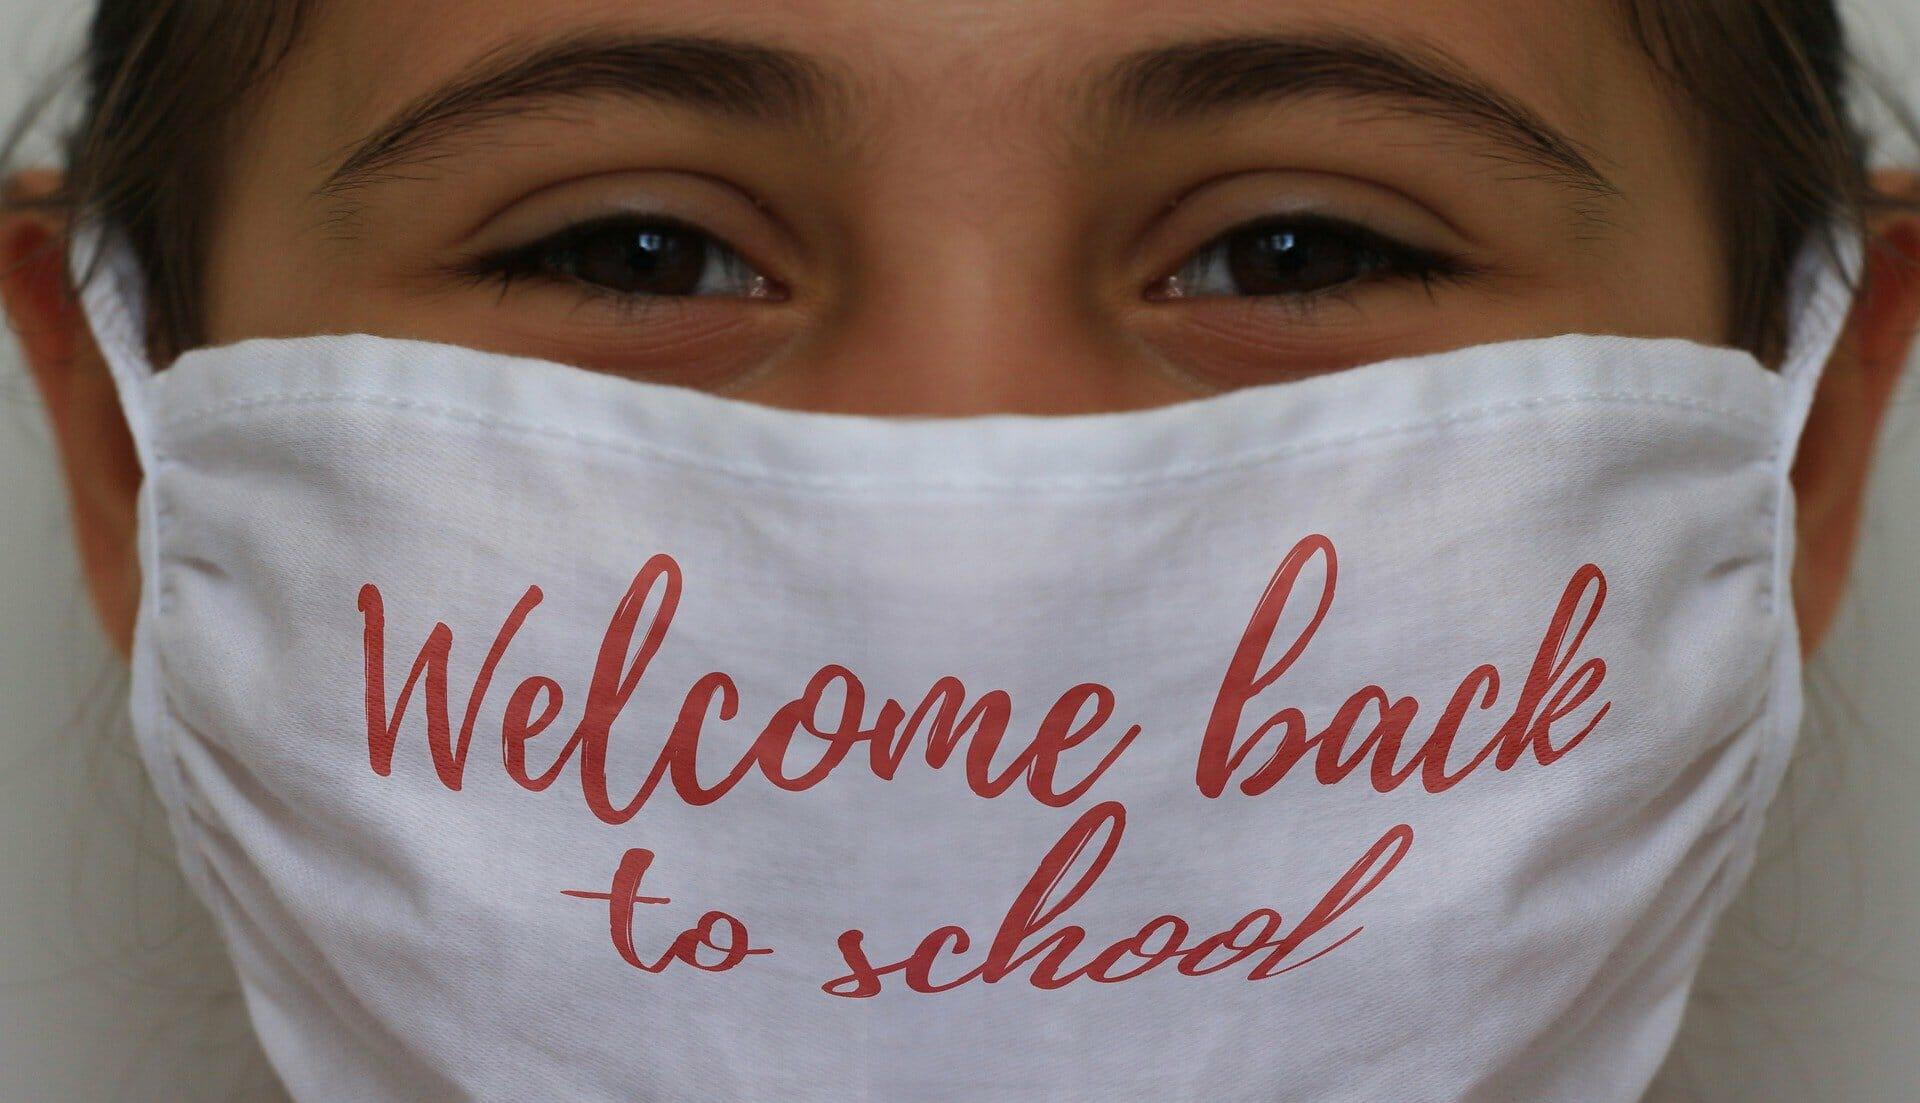 SITA: Školy zostávajú zatvorené. Ako situácia ovplyvní vzdelanie detí a kto pomôže rodičom